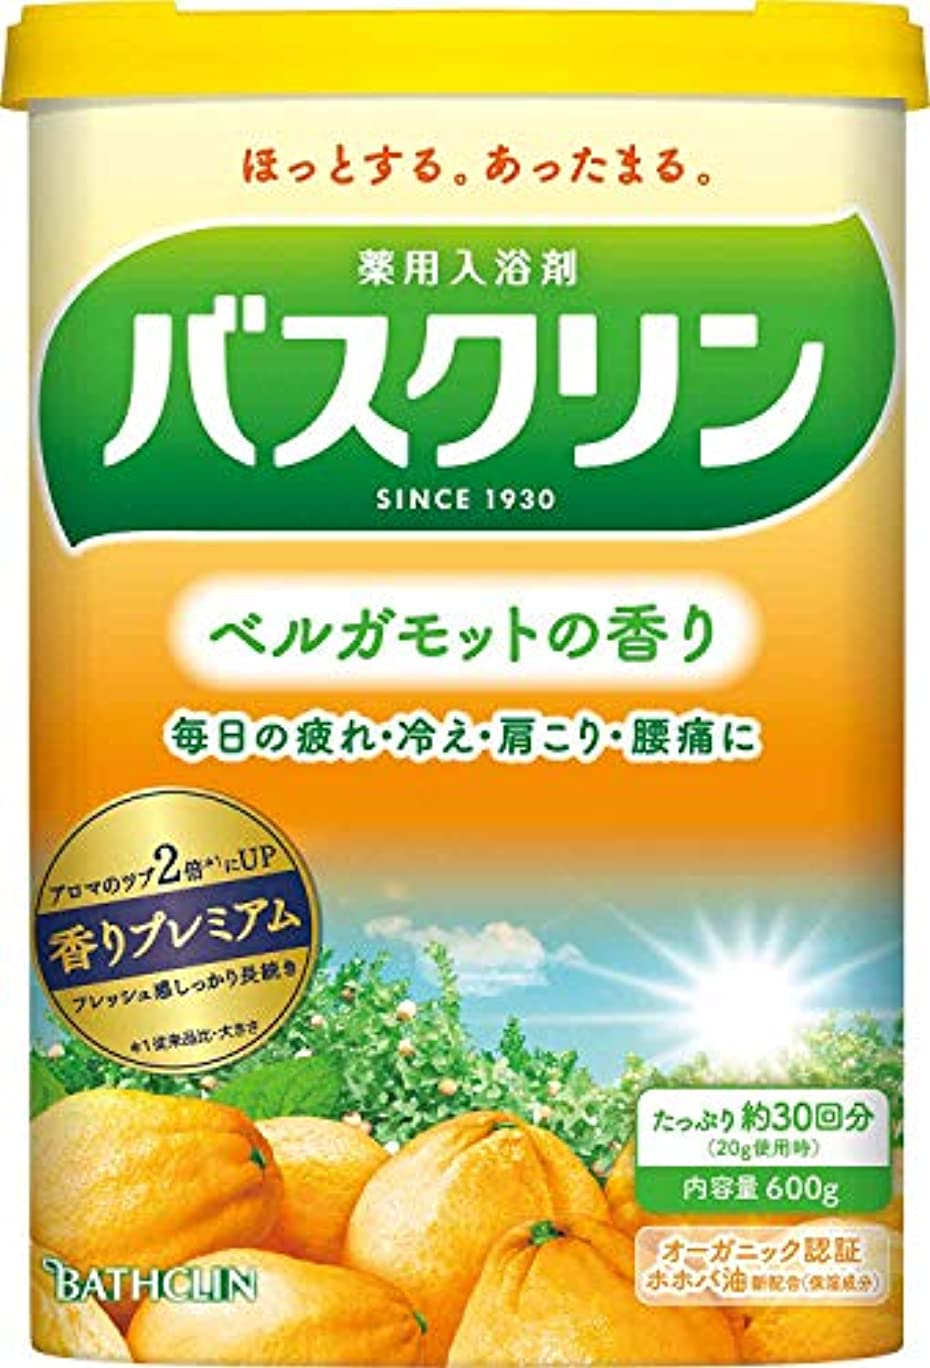 レタス栄光誰でも【医薬部外品】バスクリン入浴剤 ベルガモットの香り600g(約30回分) 疲労回復